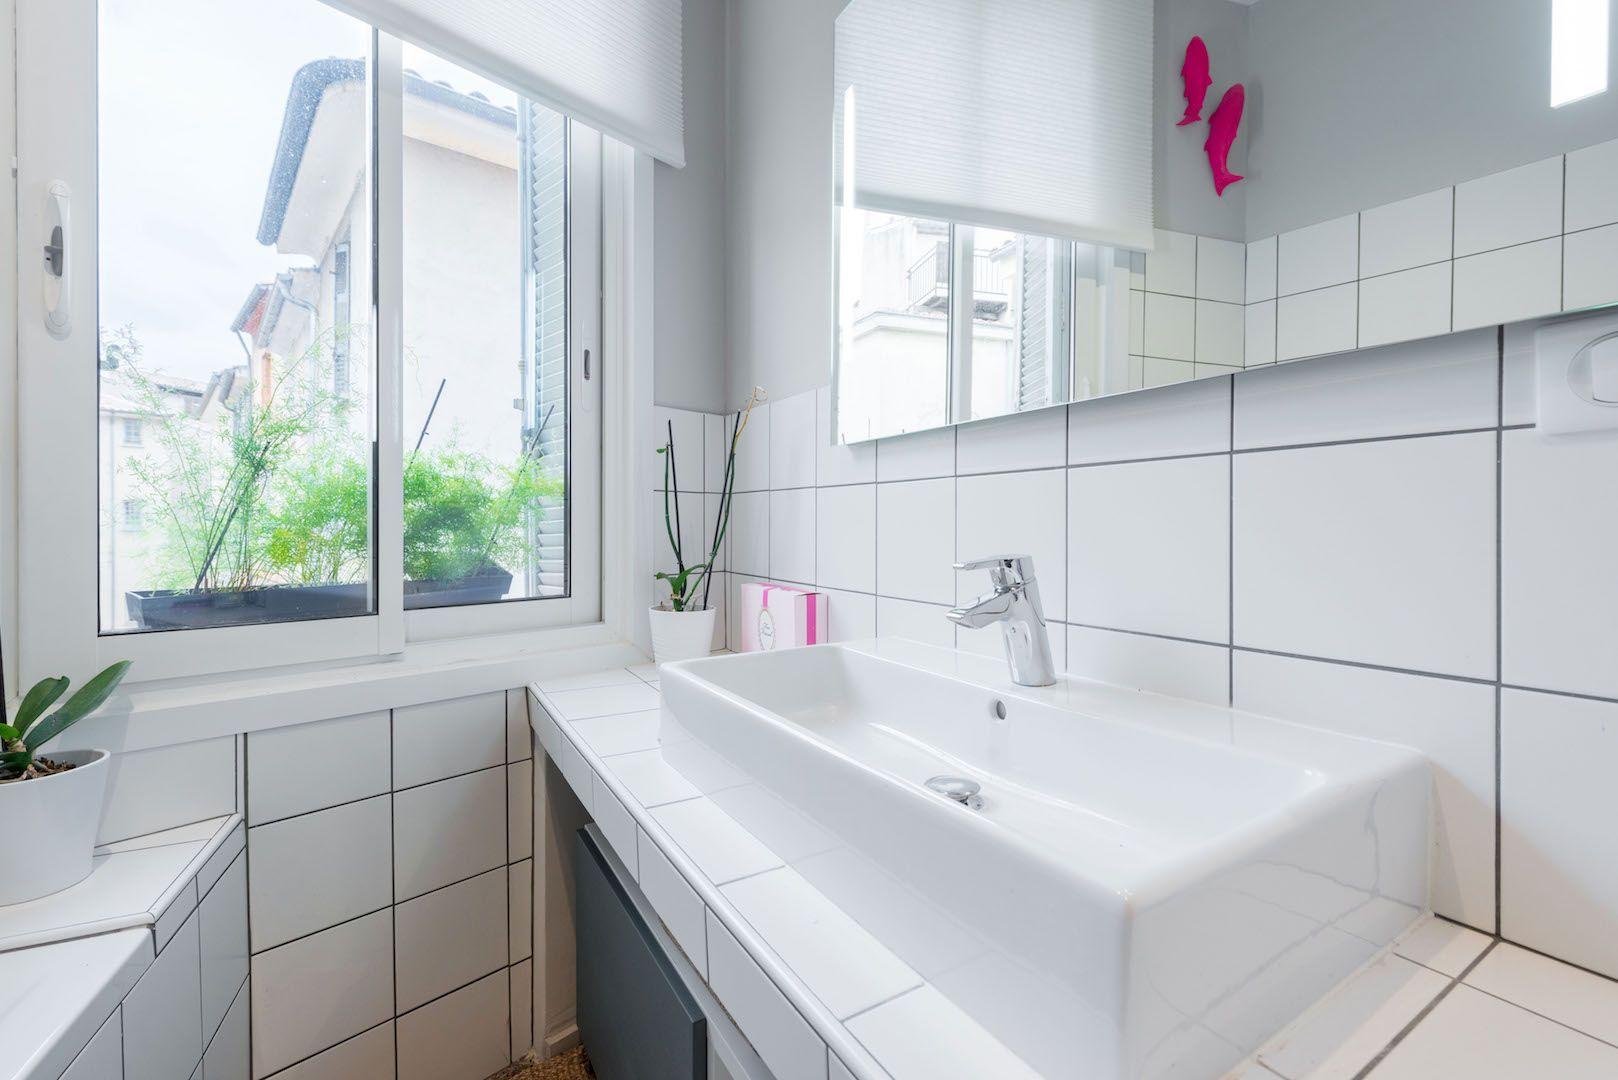 Carrelage Blanc Joint Noir Épinglé sur appartement aix en provence